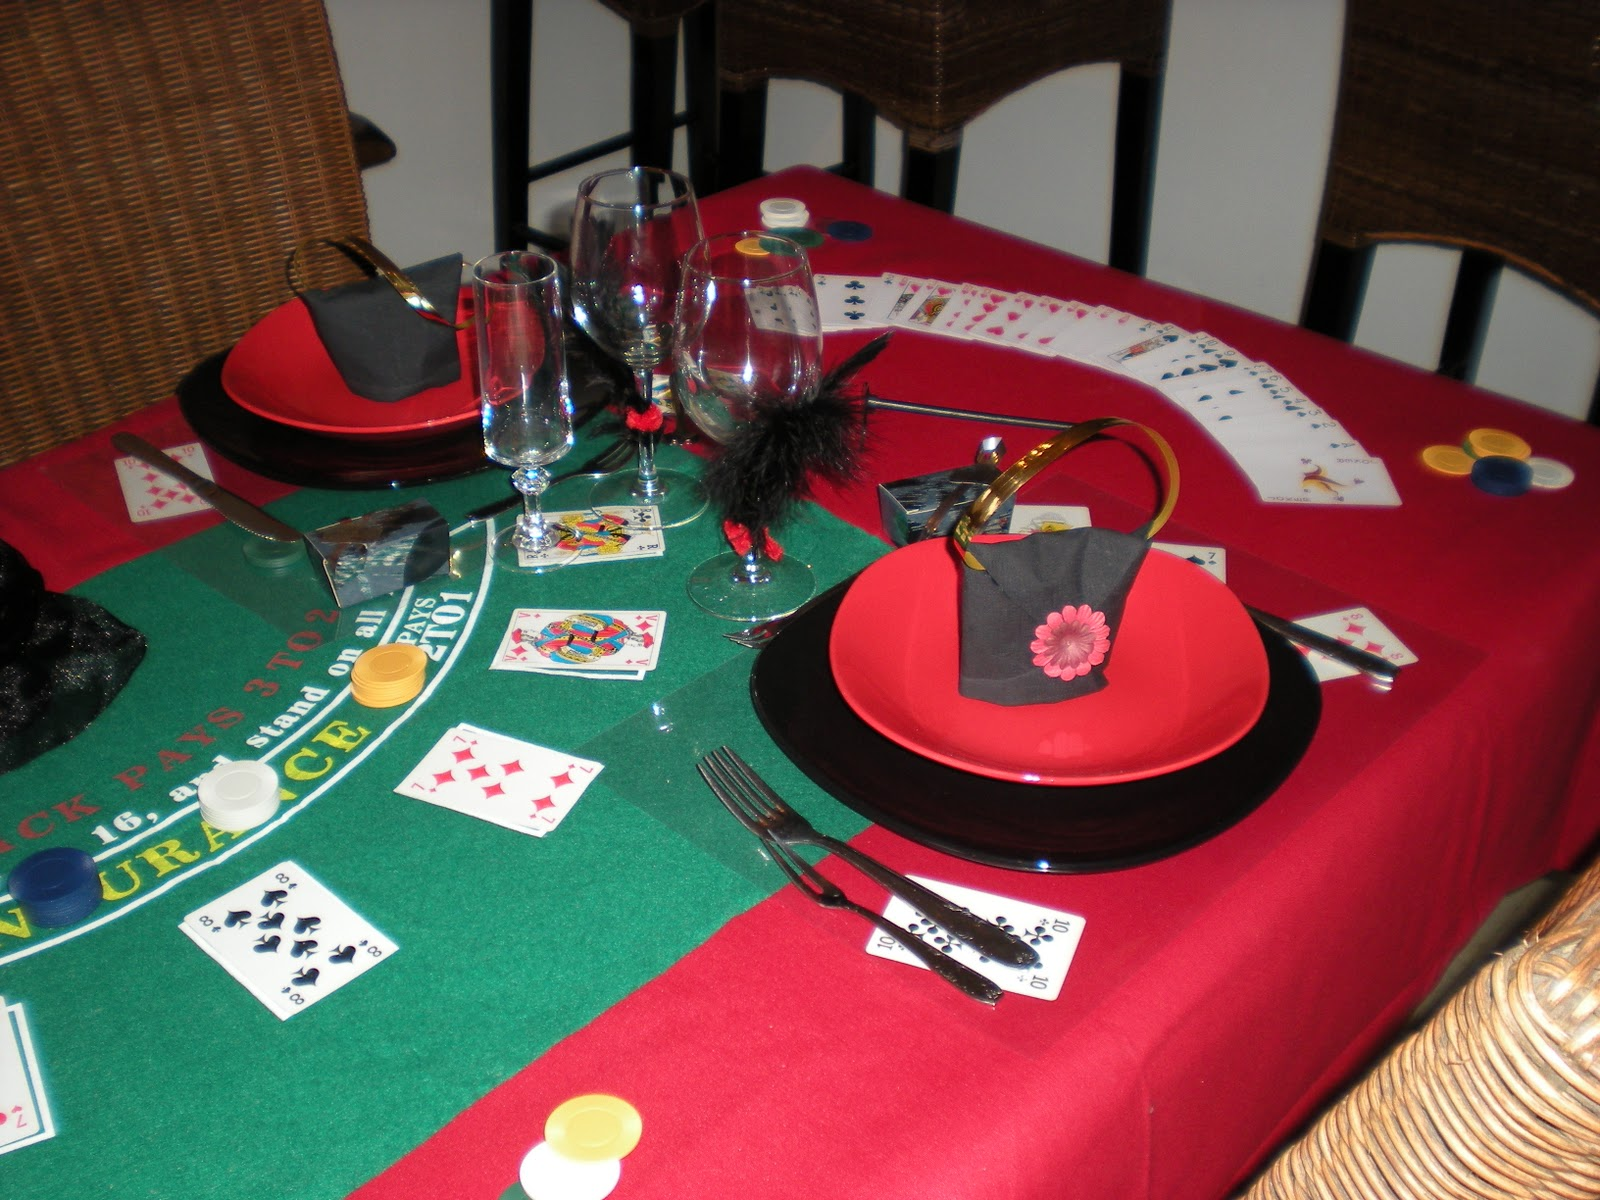 d co th mes nouvel an sur le th me jeux de casino. Black Bedroom Furniture Sets. Home Design Ideas